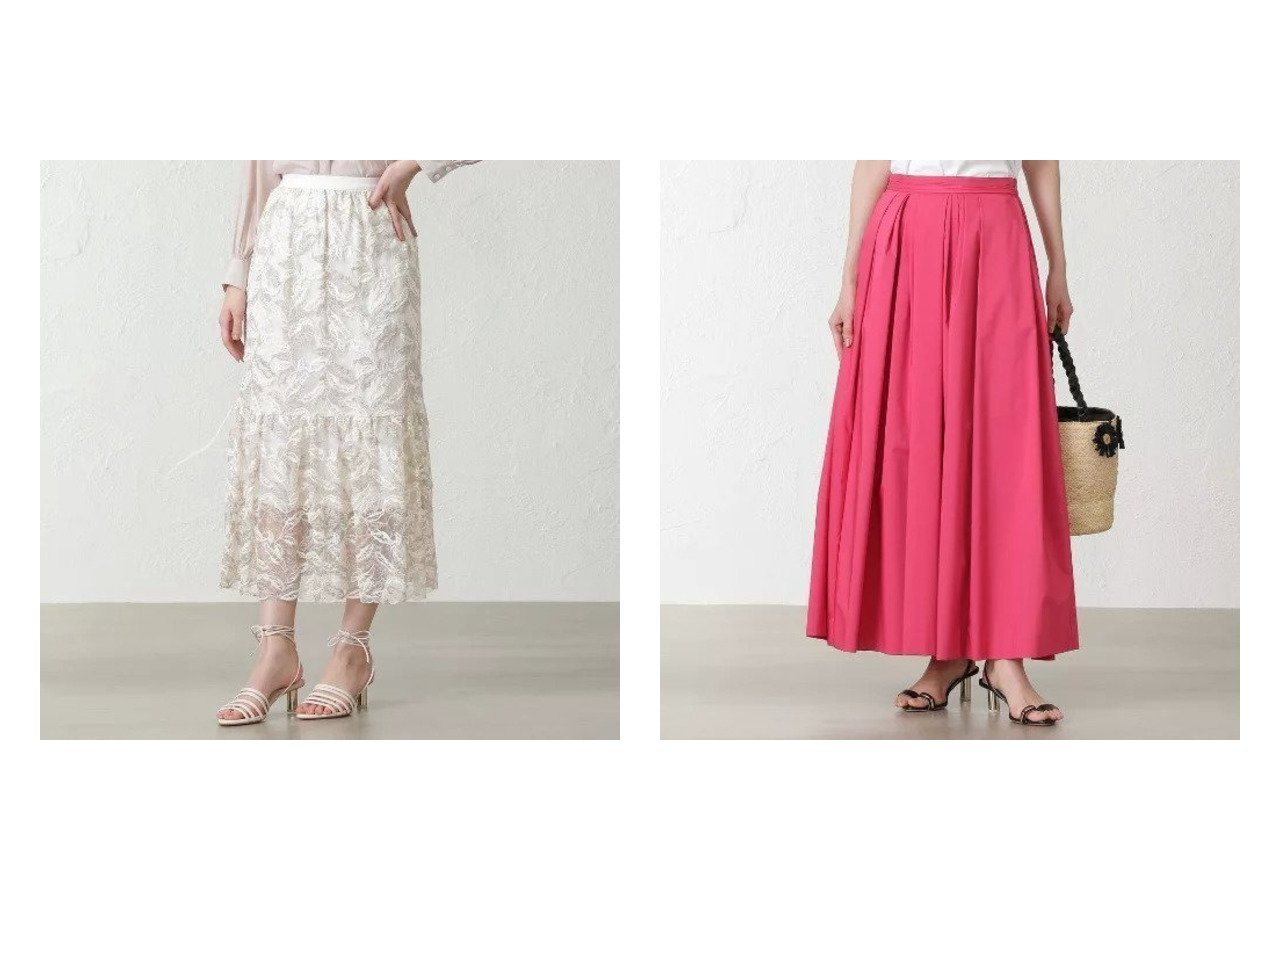 【EPOCA THE SHOP/エポカ ザ ショップ】の【SACRA】エンブロイダリーレーススカート&【FLICKA】カラーロングスカート 【スカート】おすすめ!人気、トレンド・レディースファッションの通販 おすすめで人気の流行・トレンド、ファッションの通販商品 メンズファッション・キッズファッション・インテリア・家具・レディースファッション・服の通販 founy(ファニー) https://founy.com/ ファッション Fashion レディースファッション WOMEN スカート Skirt ロングスカート Long Skirt ティアードスカート マキシ リーフ ロング おすすめ Recommend エレガント シンプル ドレス フェミニン フォルム 春 Spring |ID:crp329100000028452